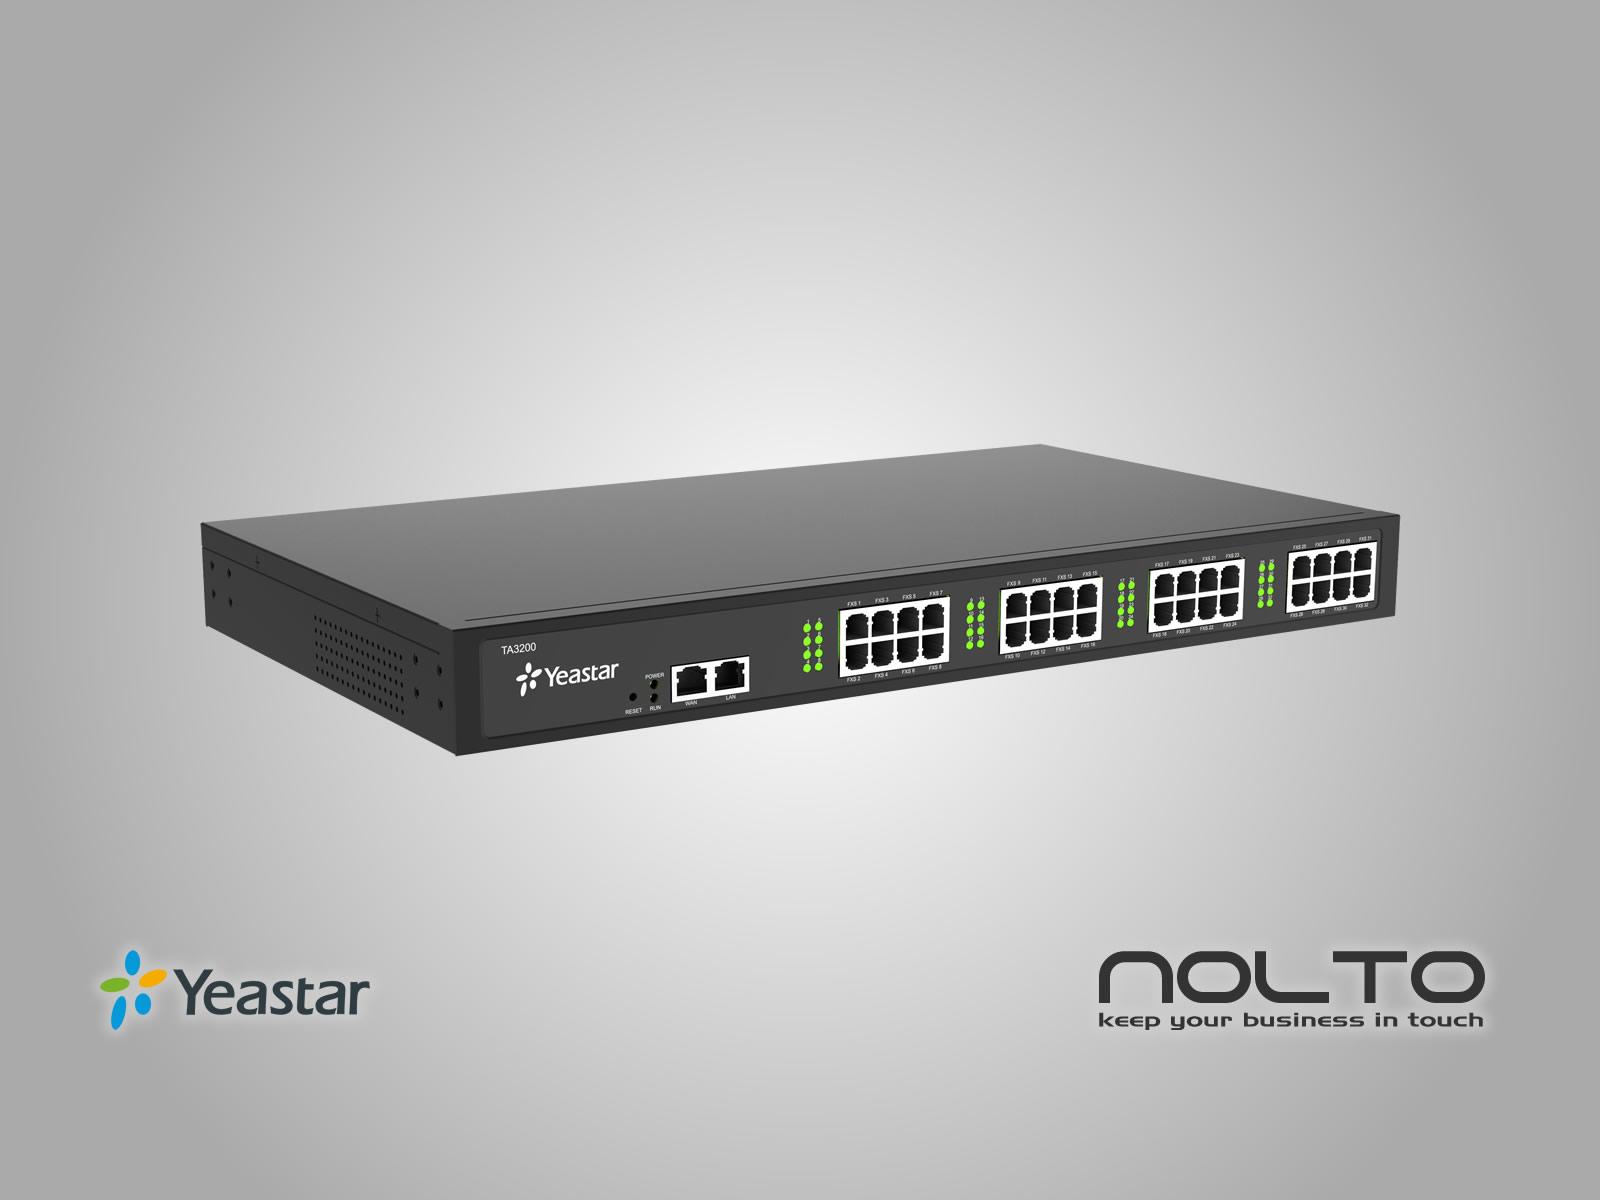 Yeastar TA3200 FXS VoIP Gateway